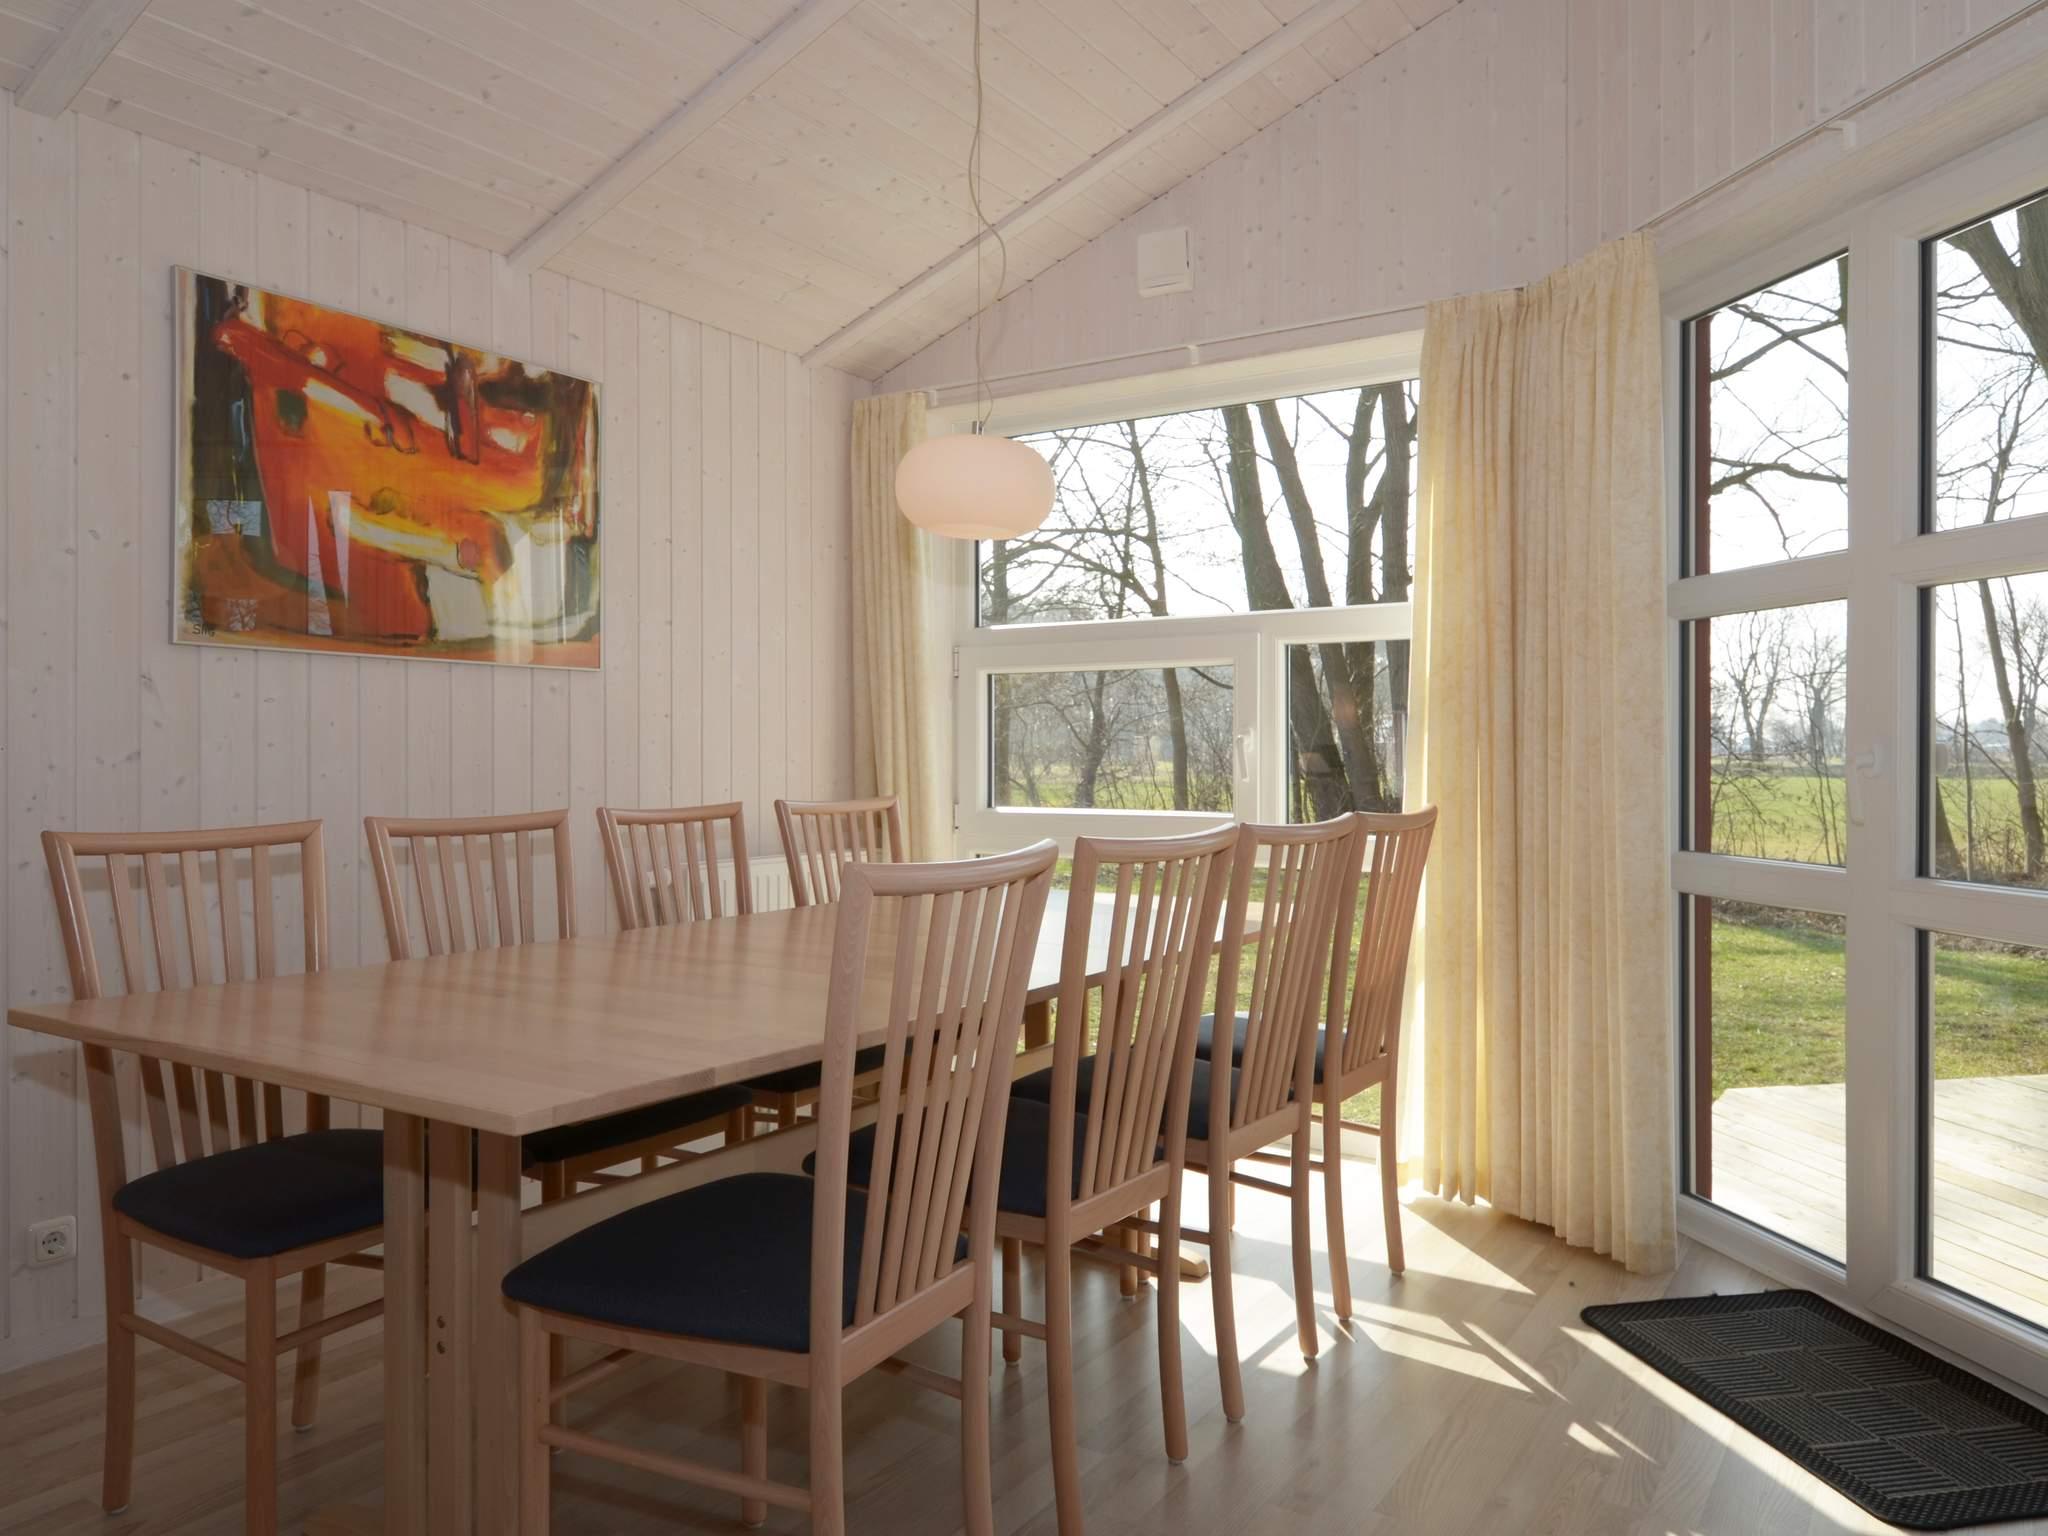 Maison de vacances Grömitz (455124), Grömitz, Baie de Lübeck, Schleswig-Holstein, Allemagne, image 3